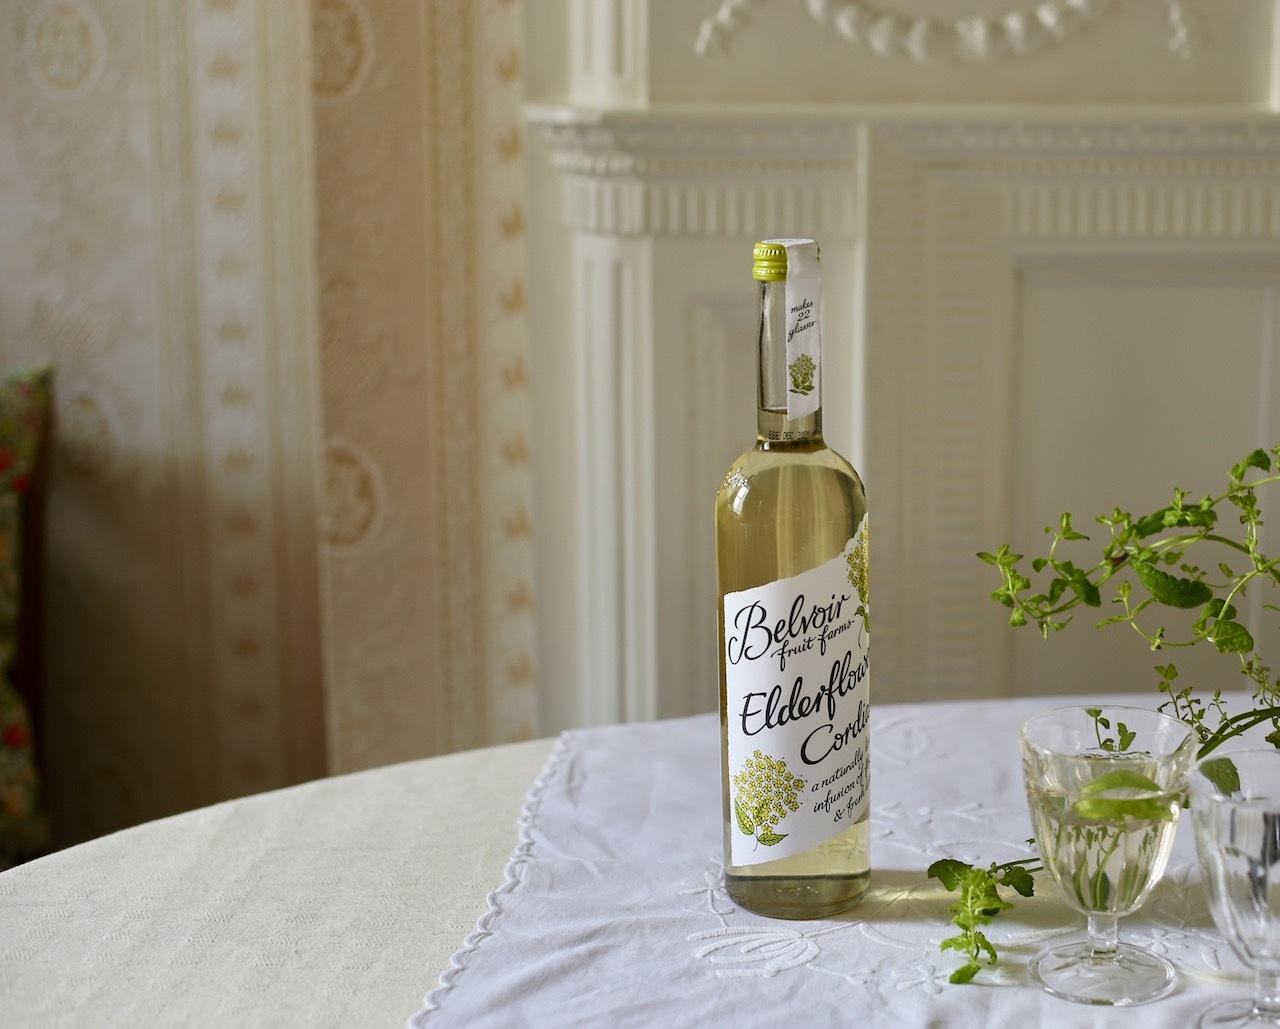 初夏を知らせる飲み物 エルダーフラワーコーディアル_f0380234_19474093.jpeg